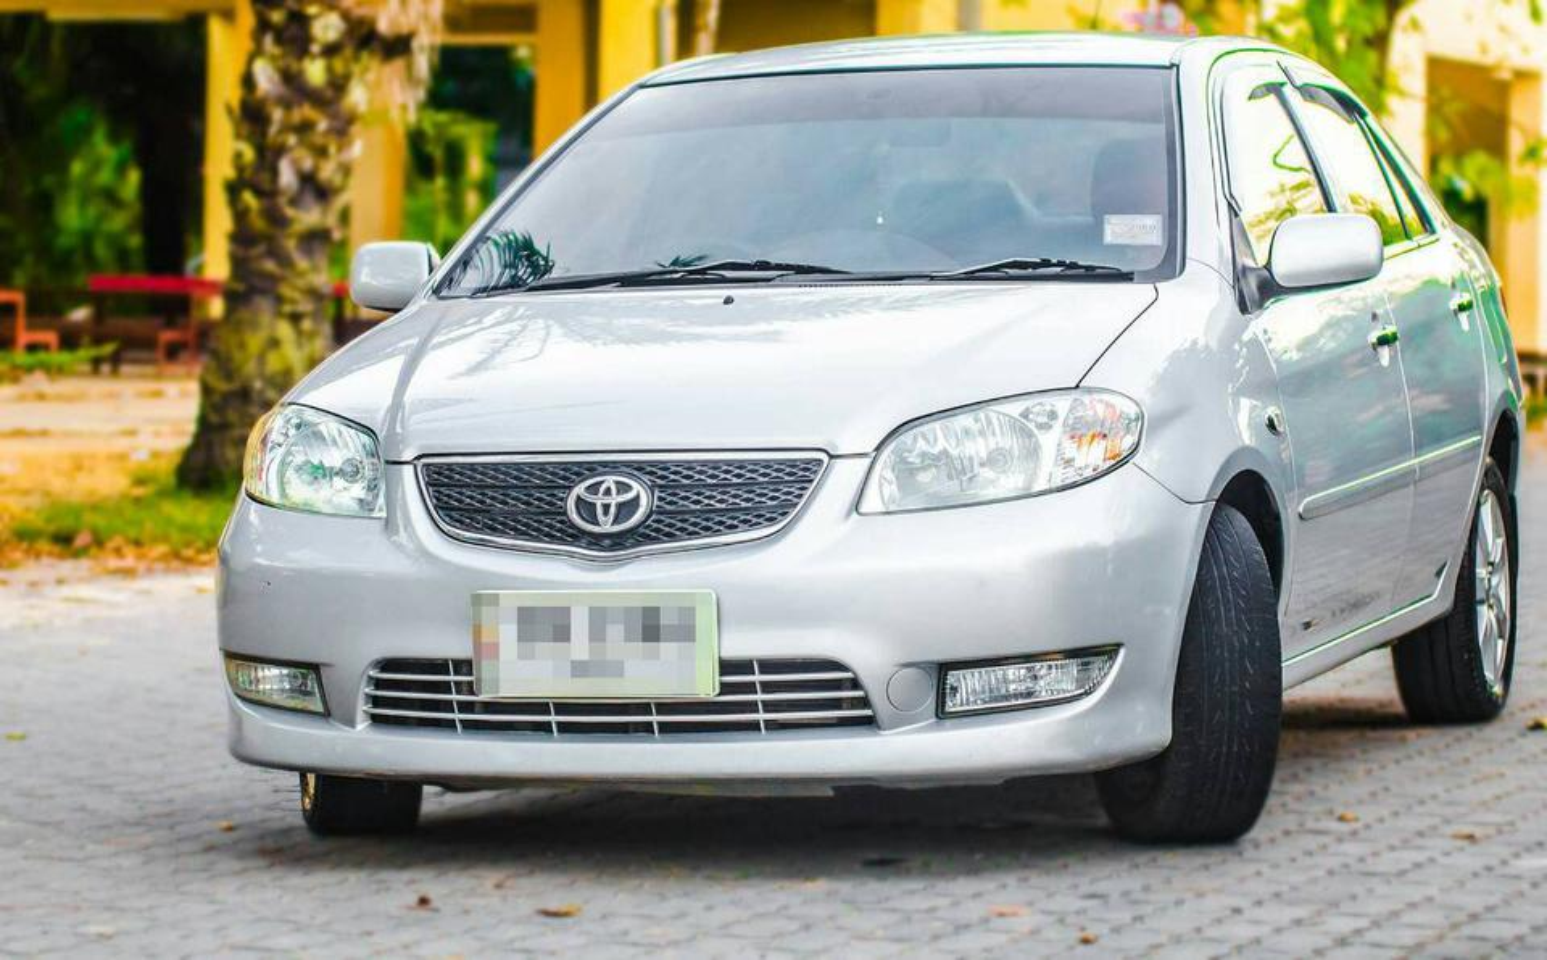 ขายรถรถเก๋ง Toyota Vios รูปที่ 2